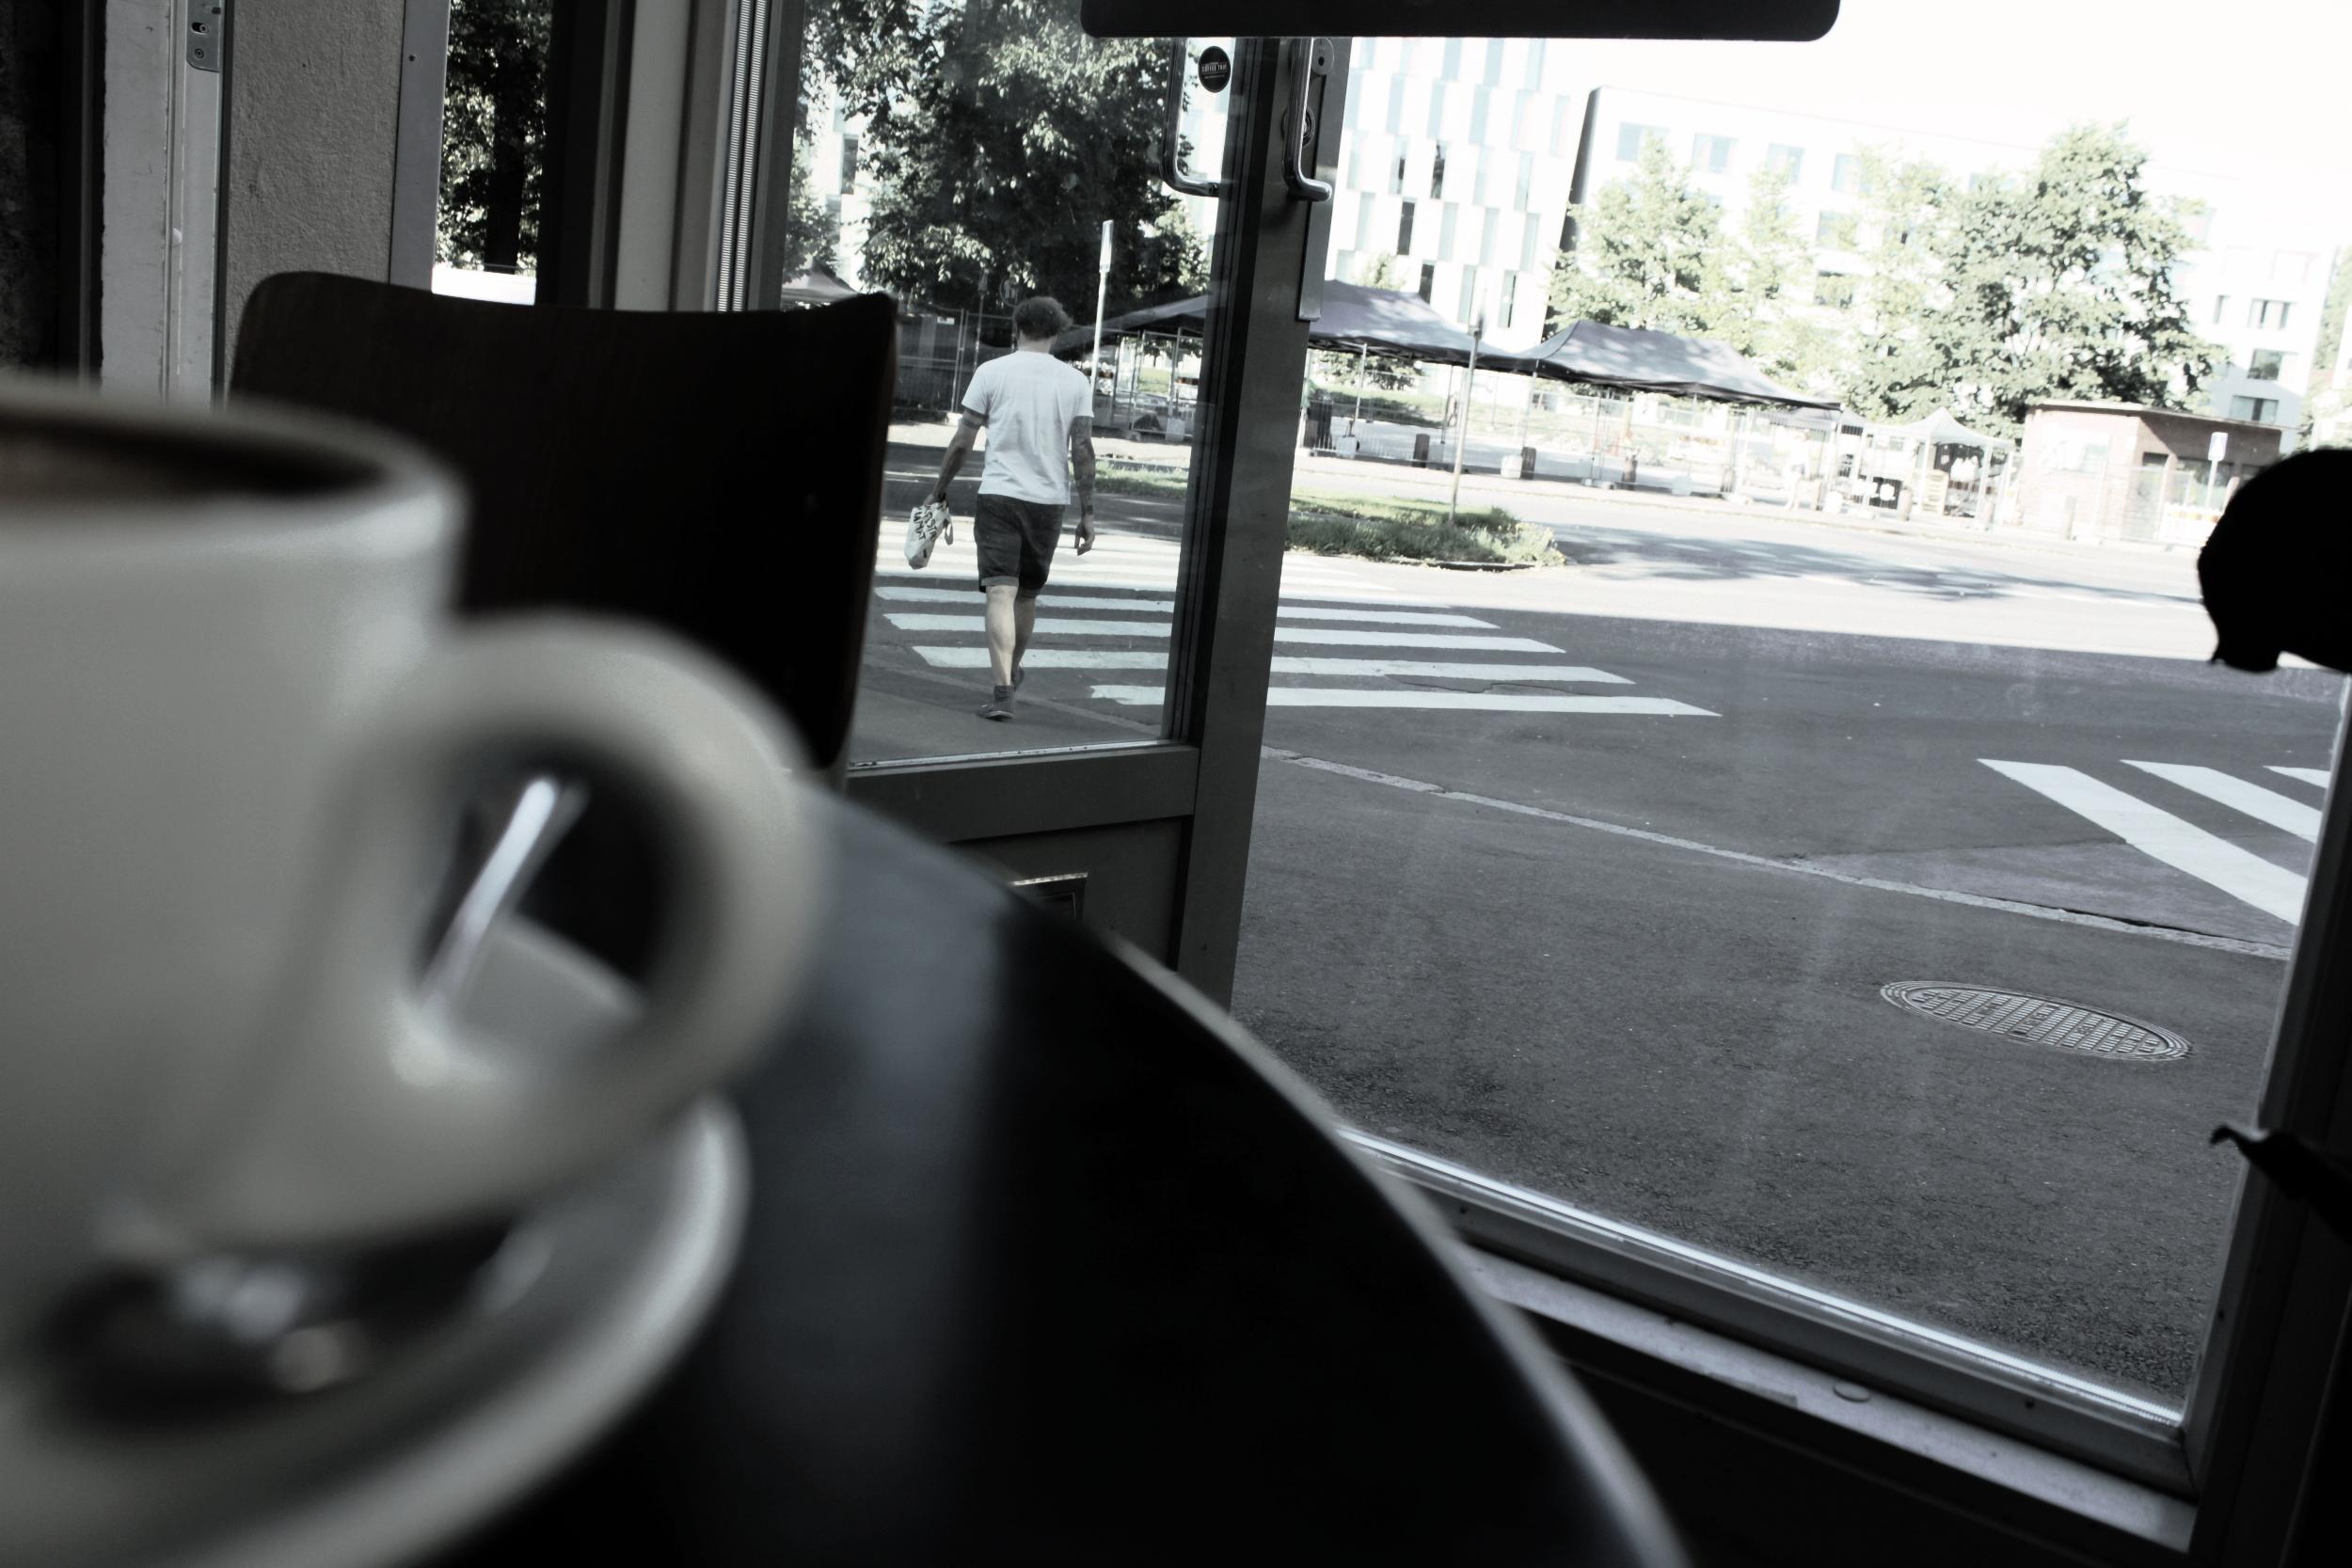 metafitktiivinen kahvikuppini lemmi henrik sanataide blogi sanataidepäiväkirja metodeista.JPG